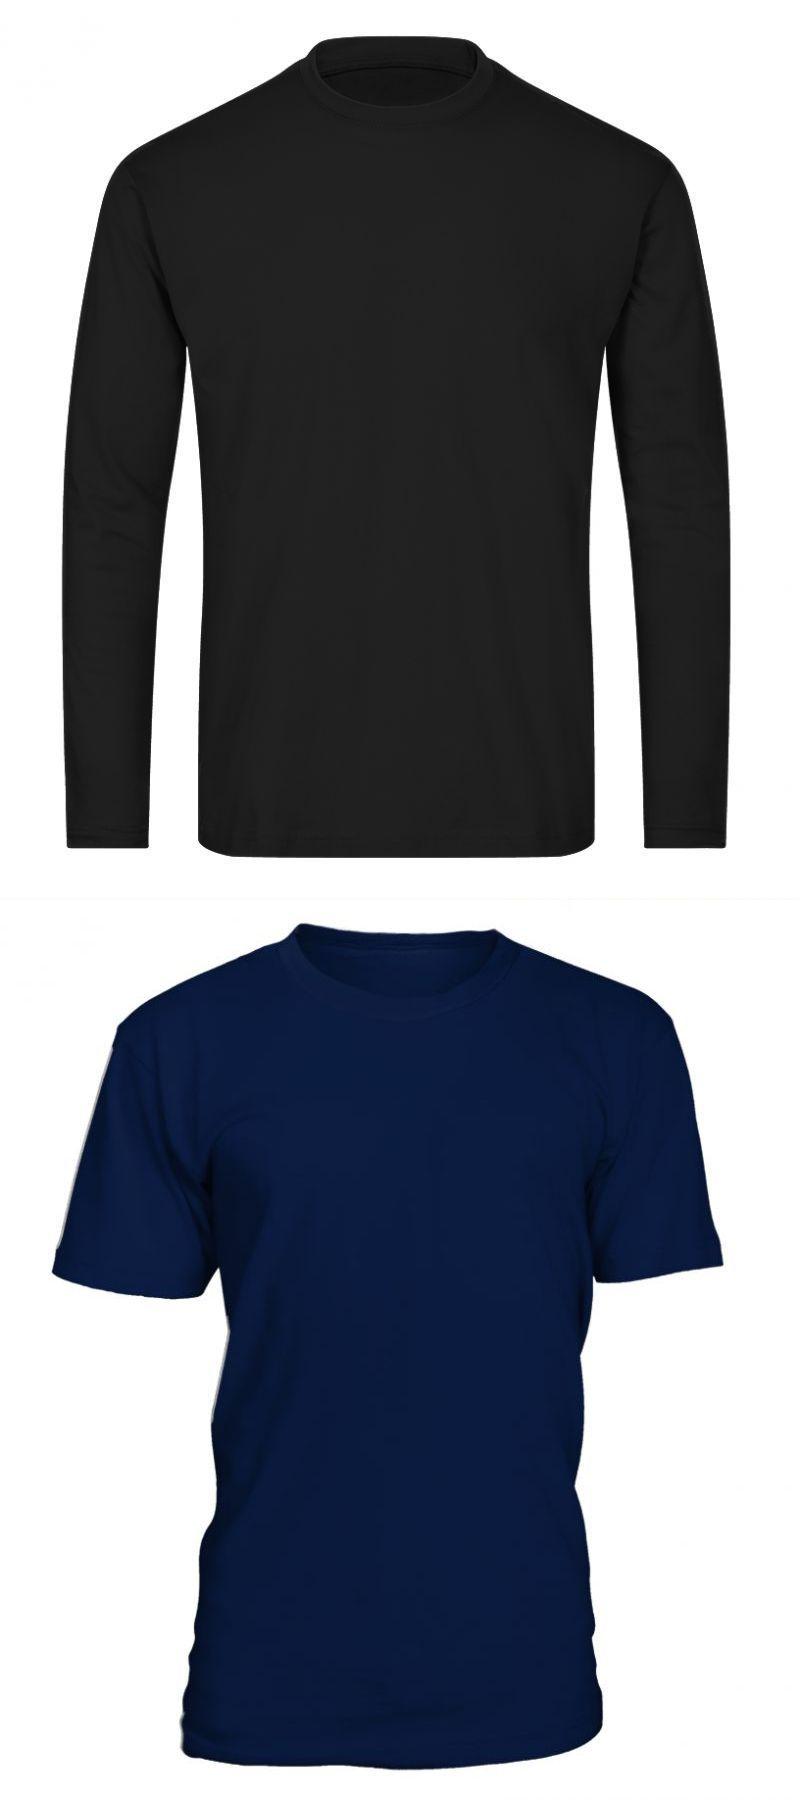 Tee Shirt Adidas Femme 2